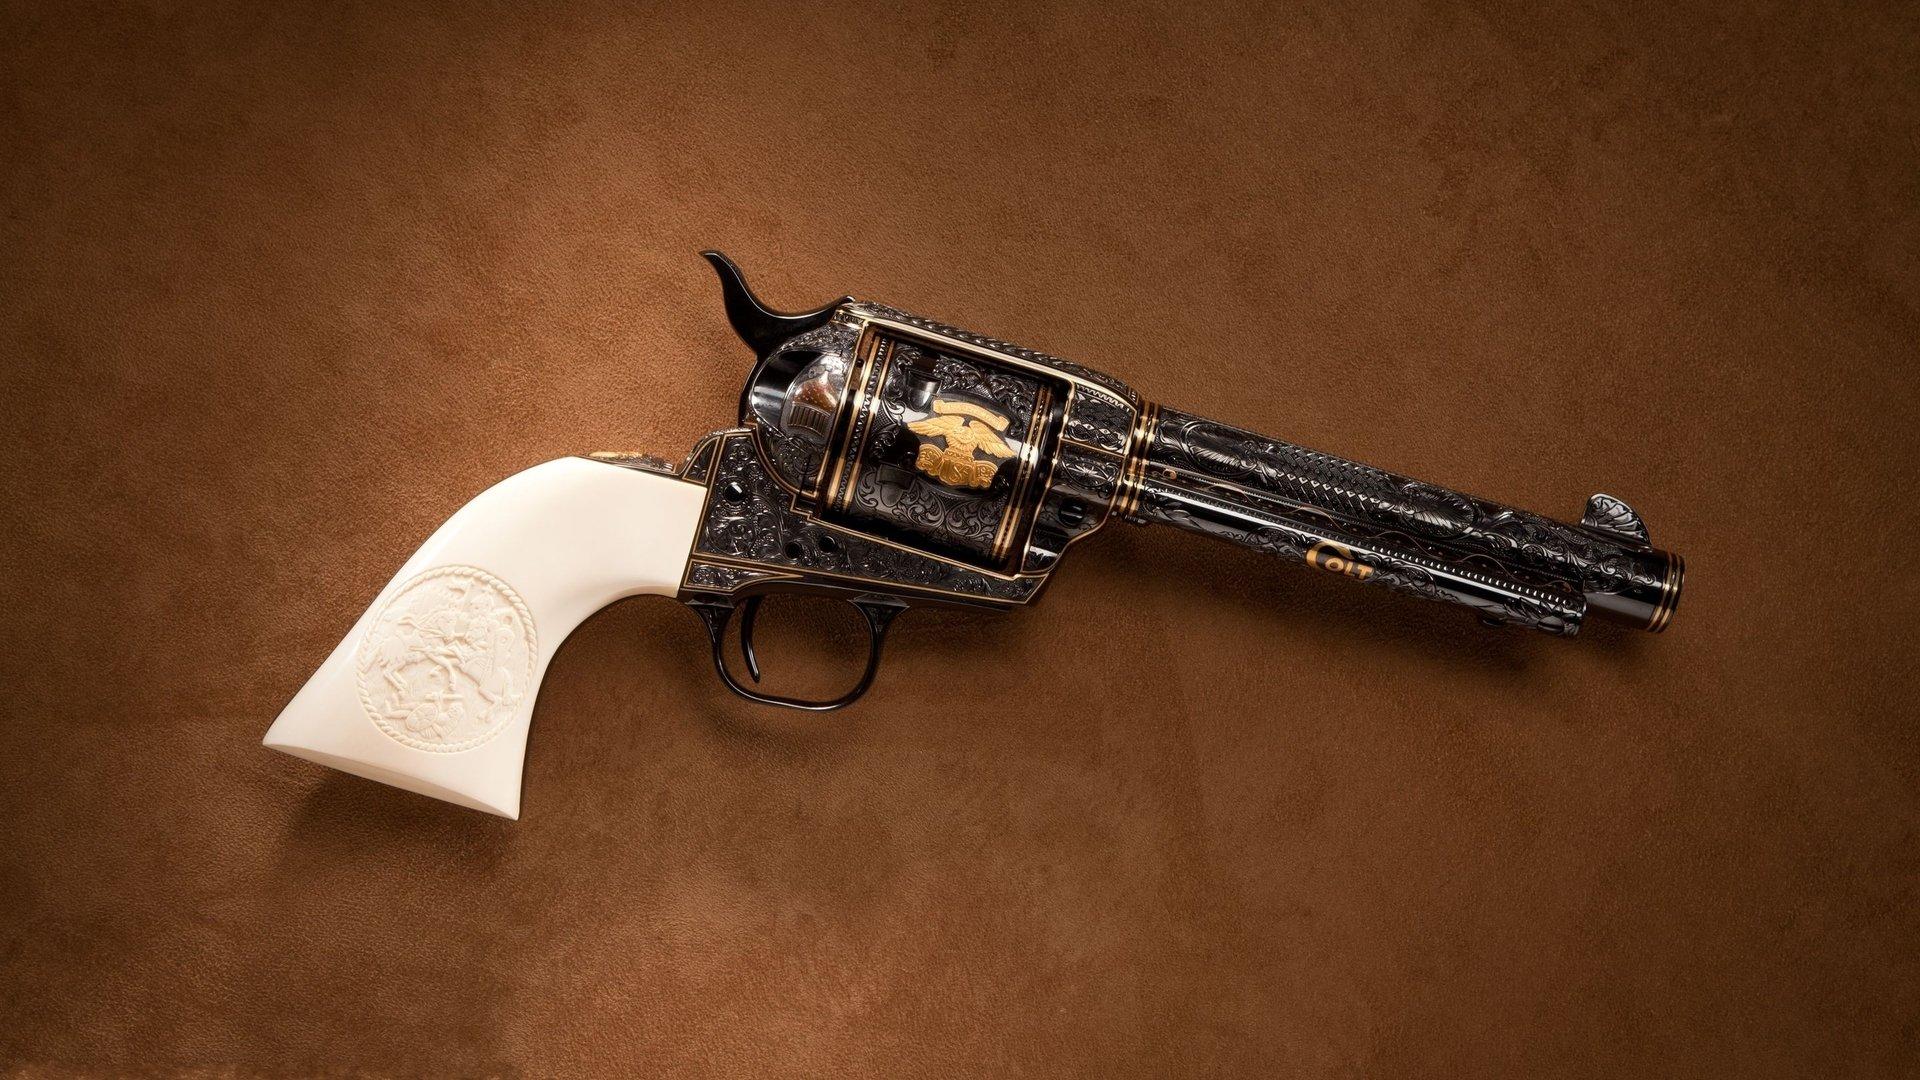 HQ Colt Revolver Wallpapers | File 420.44Kb